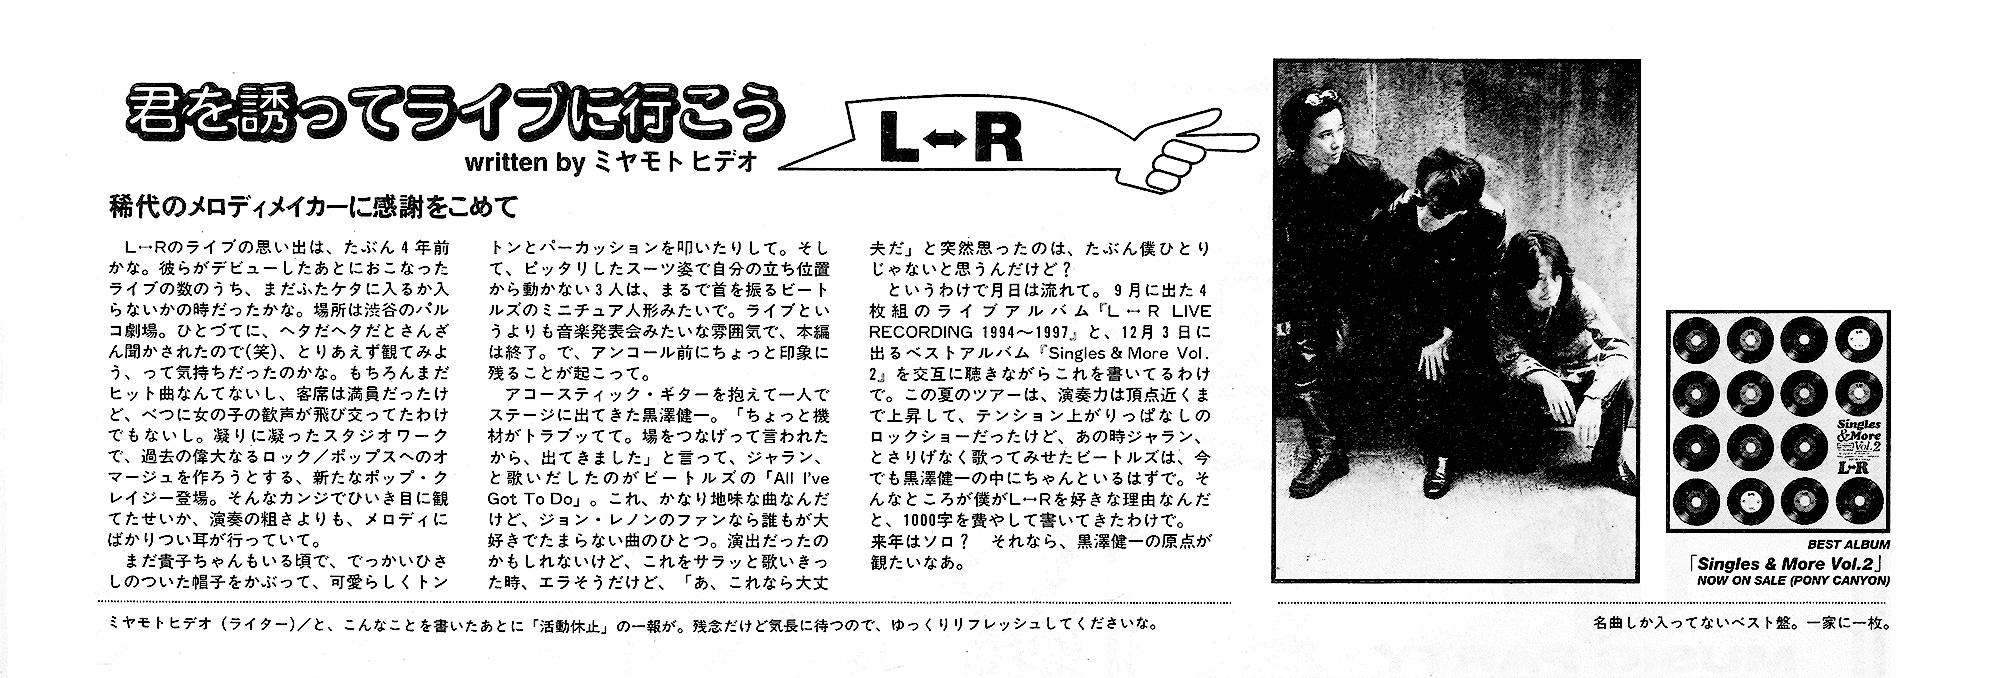 黒沢健一 DI:GA 26号(1997年12月号)